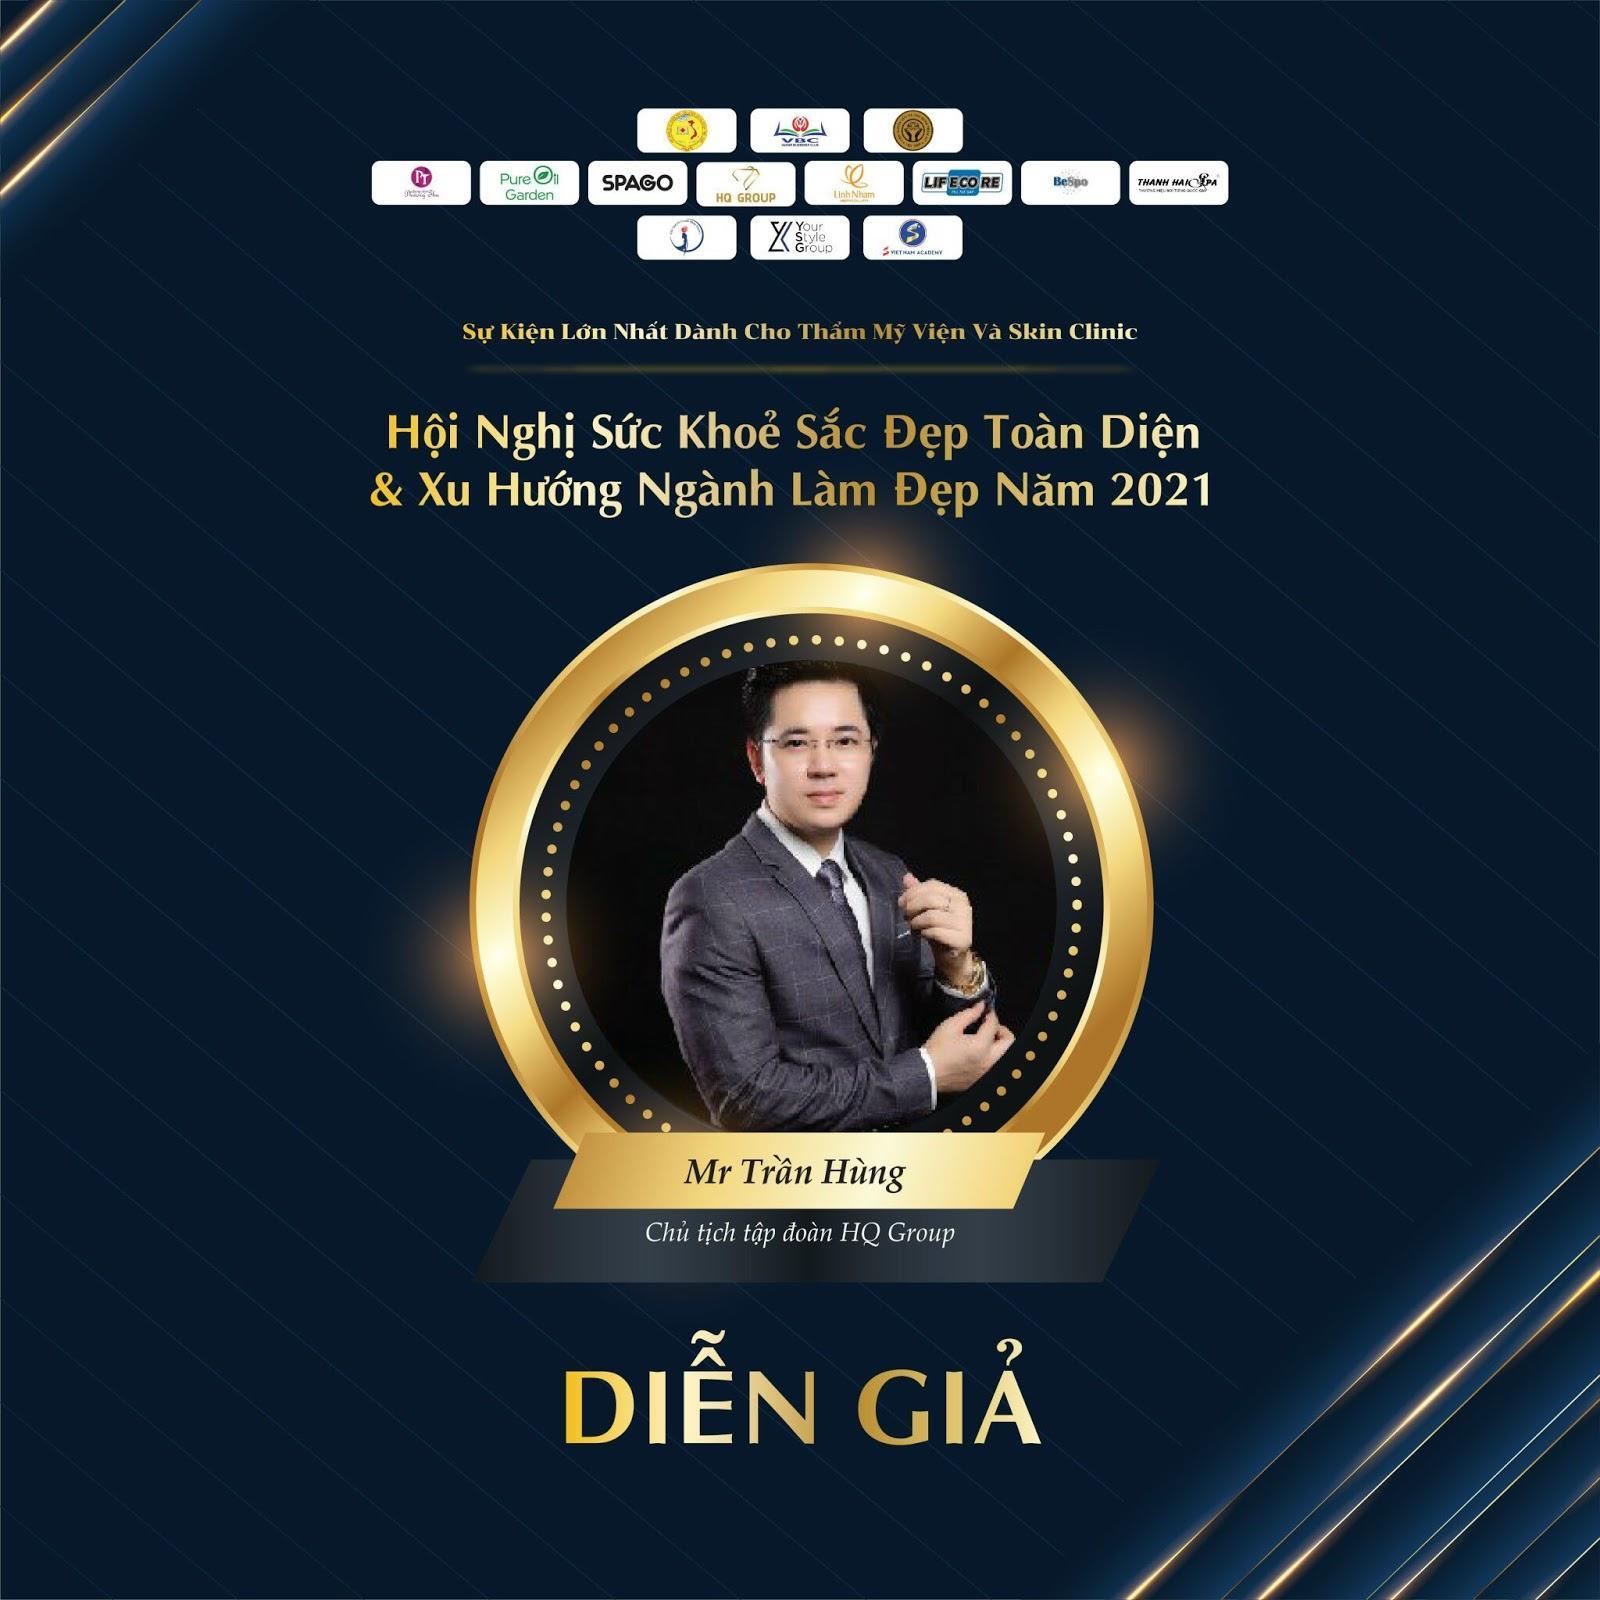 Chủ tịch kiêm Tổng giám đốc tập đoàn HQ Group Trần Hùng - diễn giả tài năng tại Hội nghị sức khỏe sắc đẹp toàn diện và xu hướng ngành làm đẹp 2021 - Ảnh 1